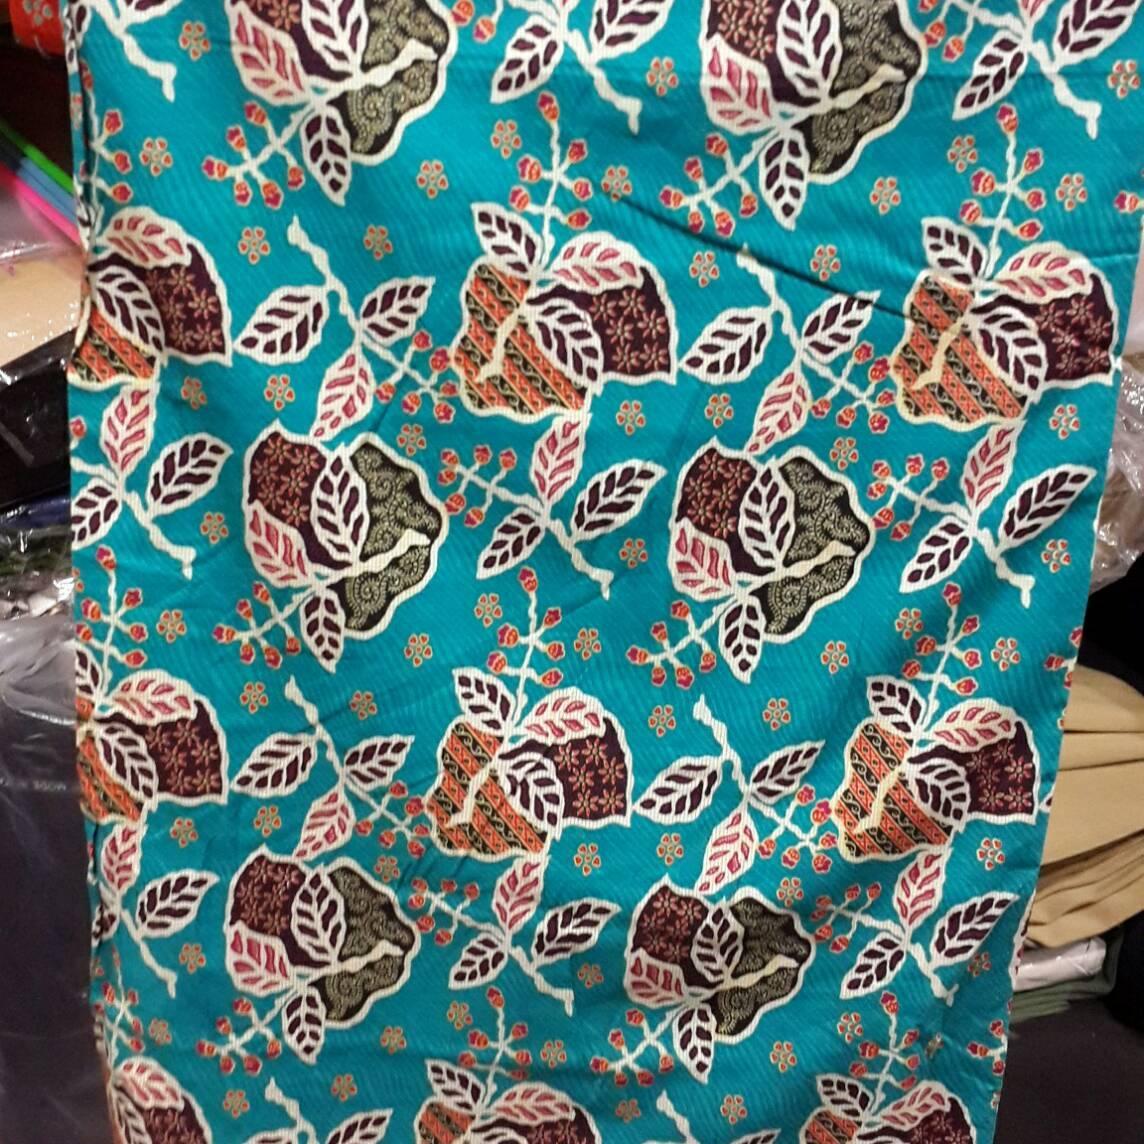 Uc Kebaya Kutu Baru Modern Batik Pasangan Gilang 3in1 Batik Couple ... -  Harga 60cf726d5c